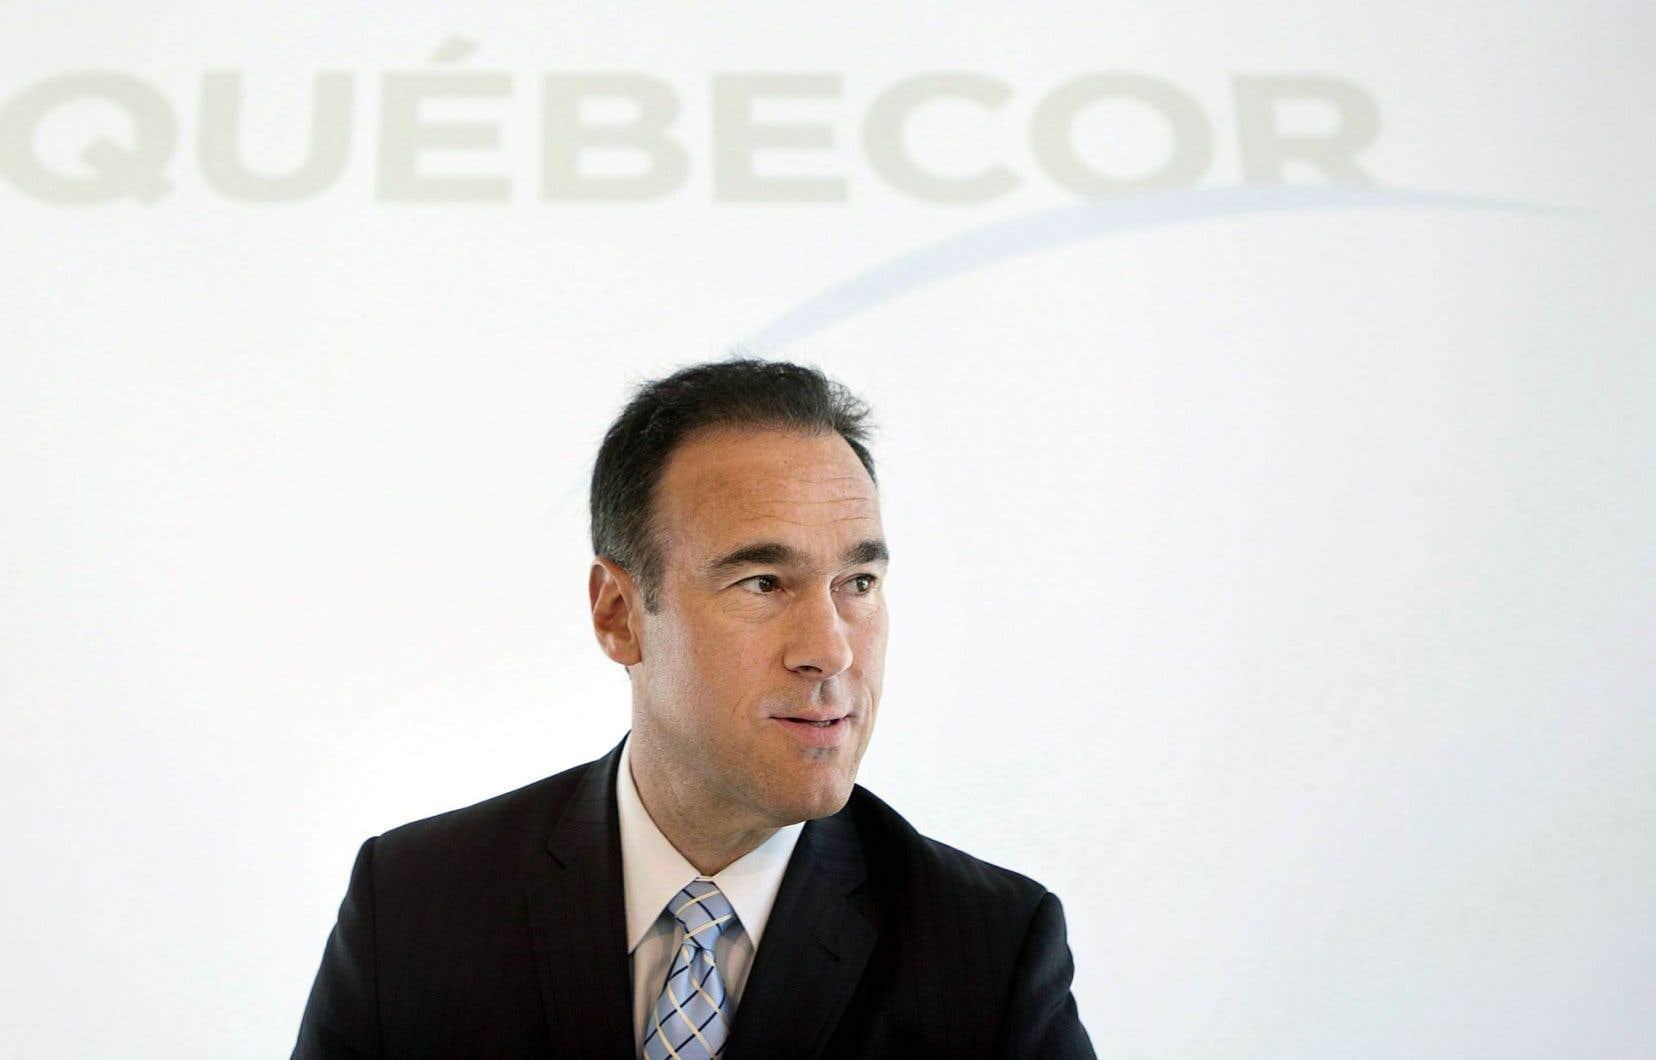 Le président et chef de la direction de Québecor, Pierre Dion, a laissé entendre qu'il n'avait guère le choix de prendre cette «décision difficile» et qu'il lui fallait accroître la productivité.